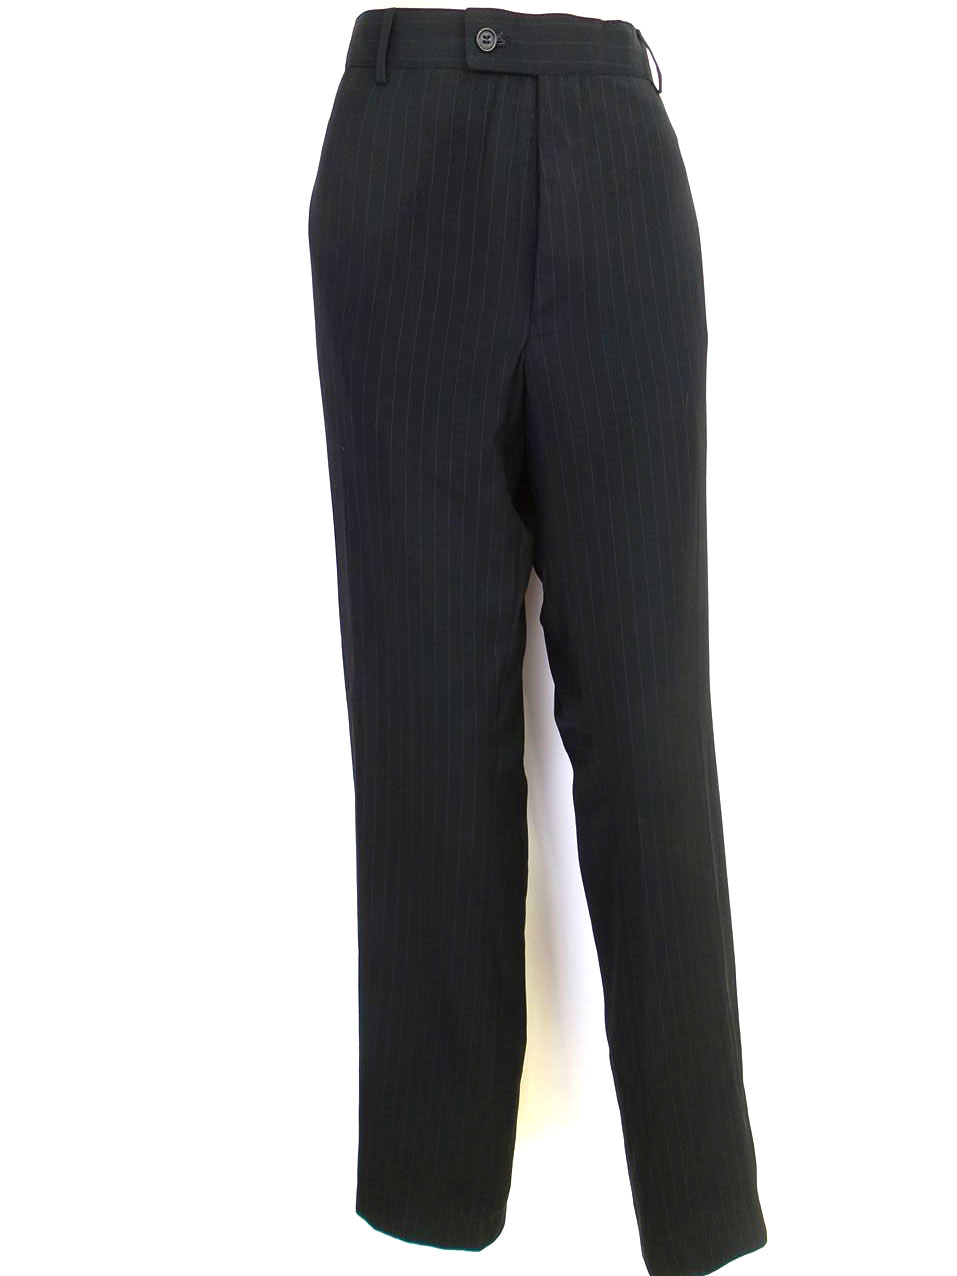 61897124 4 You Ny størrelse 56 bukser lommer elegant sort | RomanticFashion.se